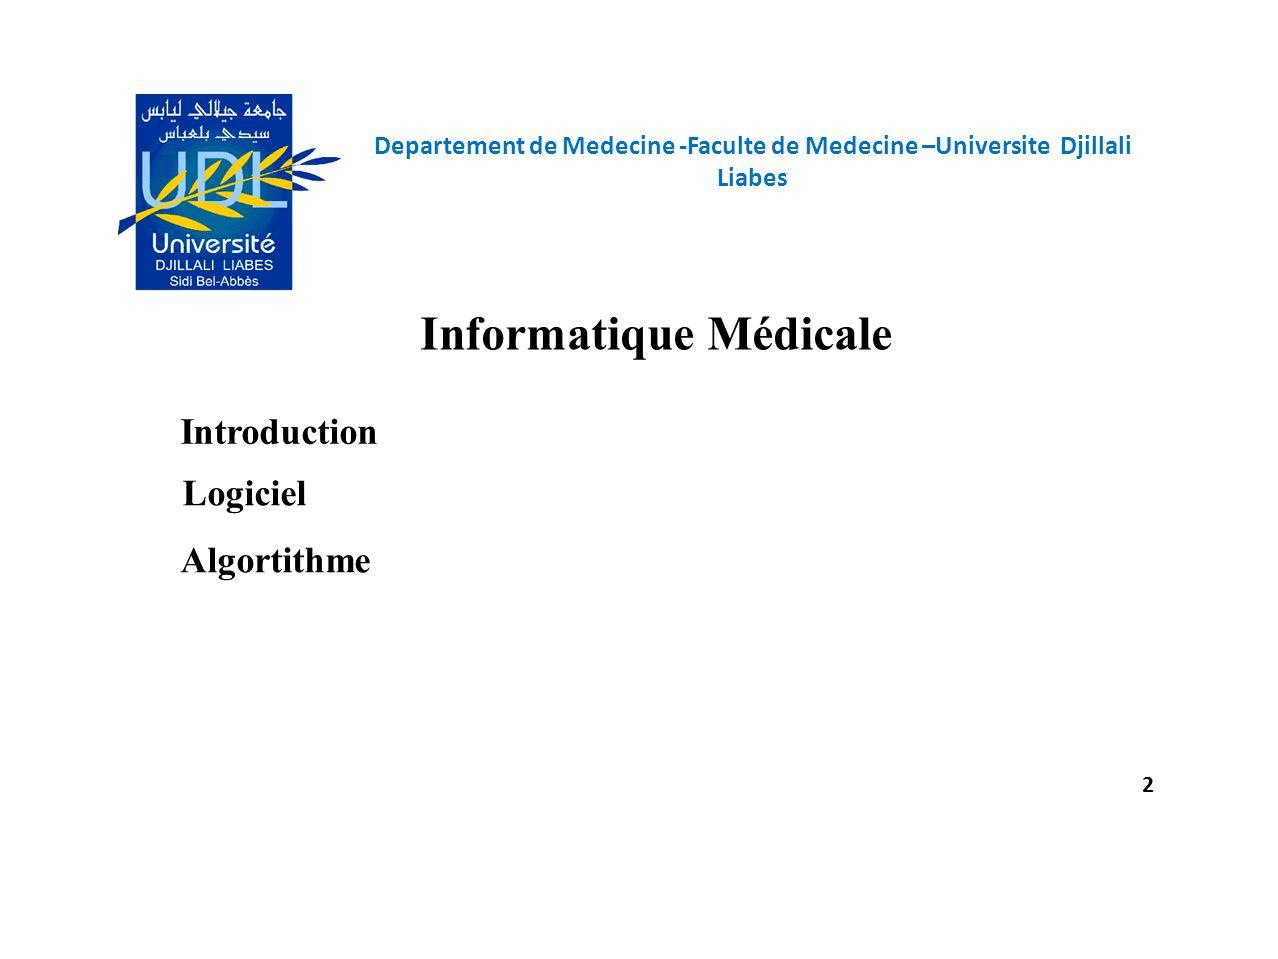 Departement de Medecine -Faculte de Medecine –Universite Djillali Liabes 2 Informatique Médicale Introduction Logiciel Algortithme